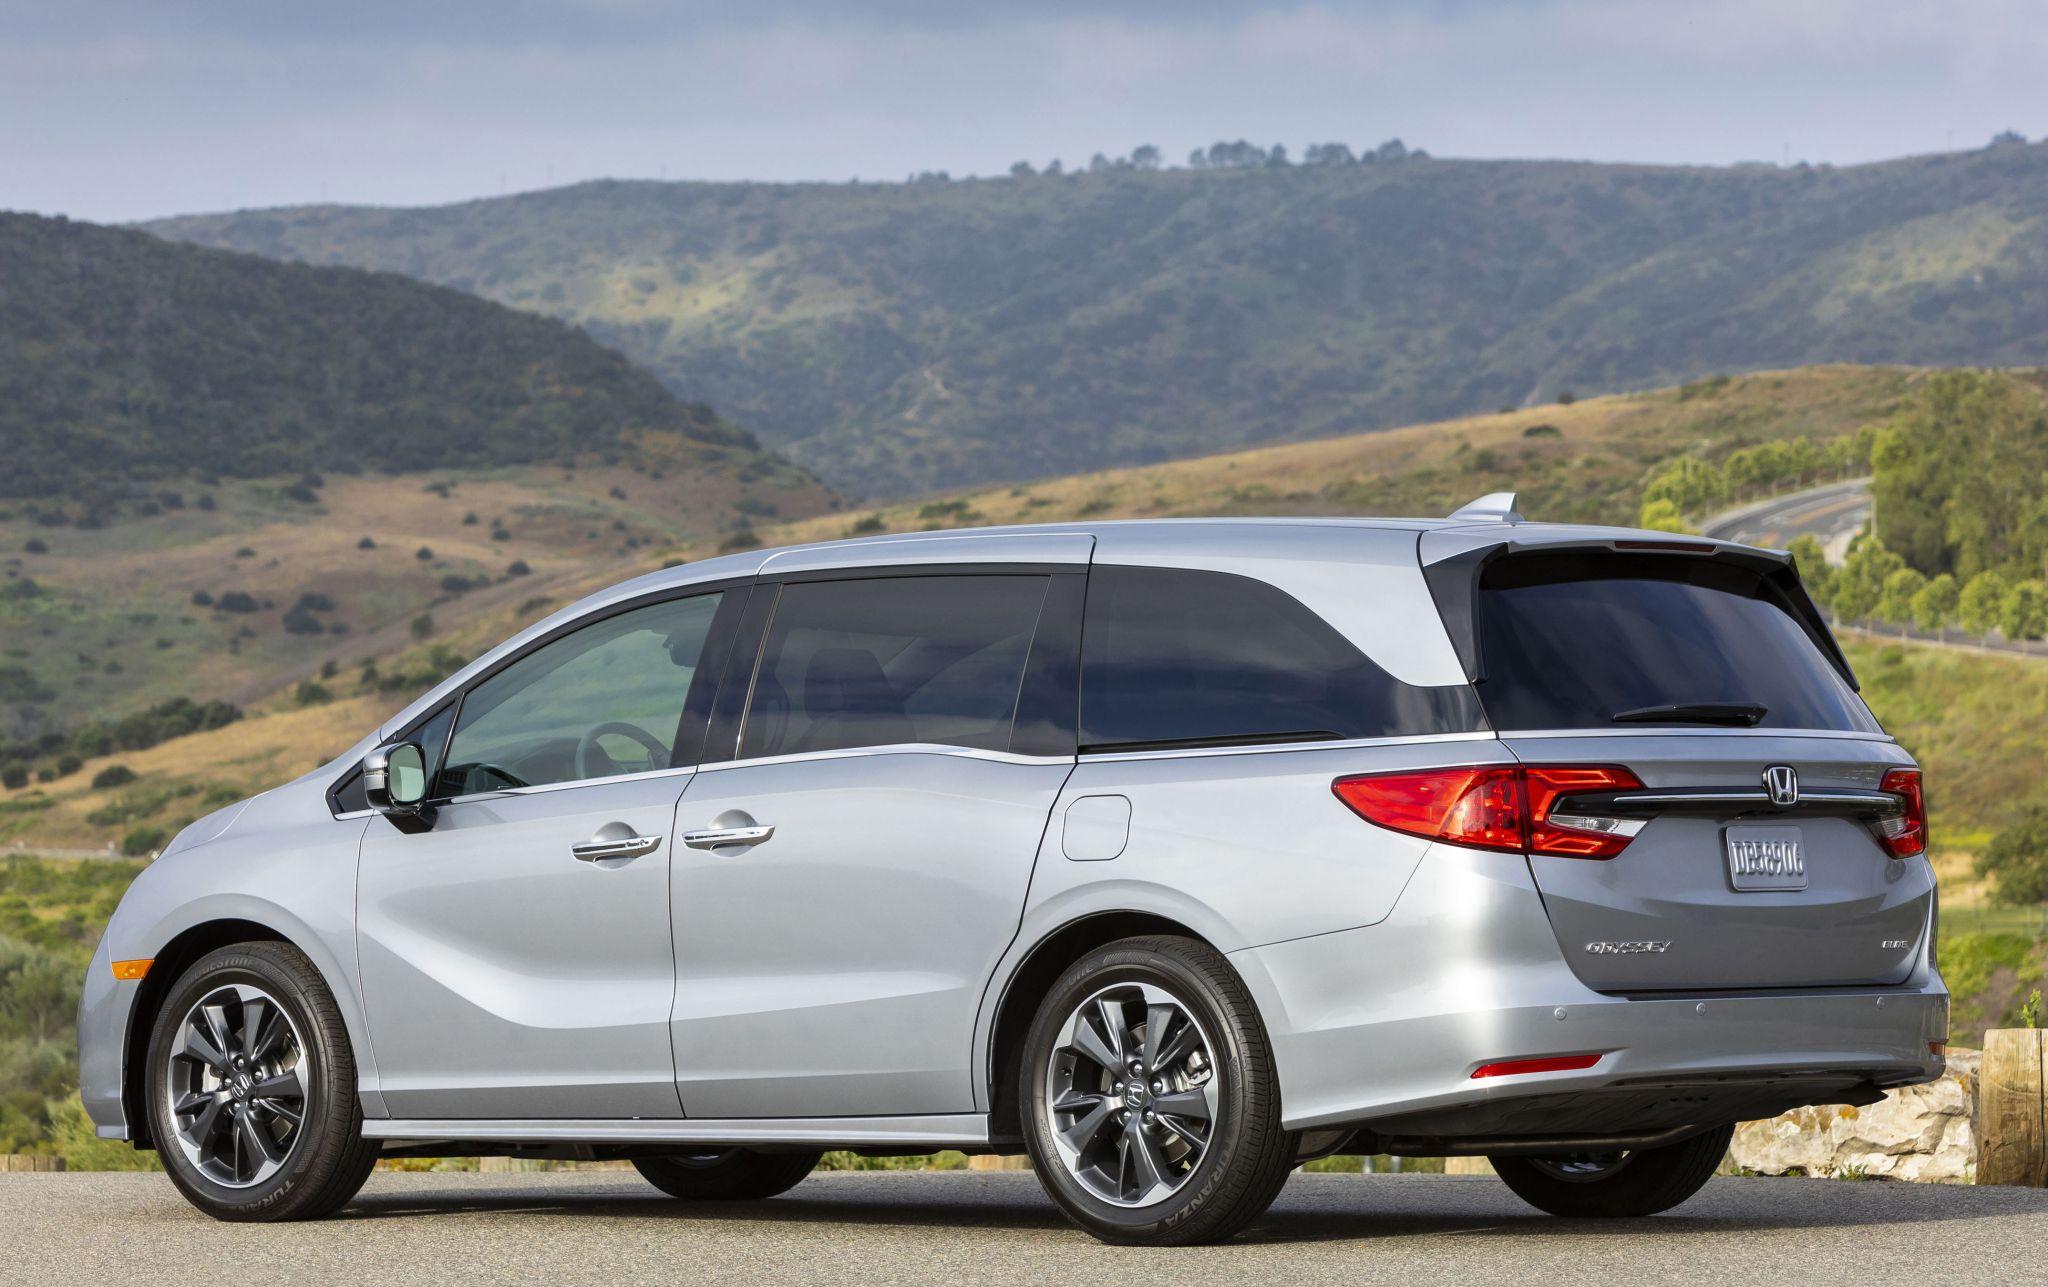 La minivan Honda Odyssey regresa para 2022 después de las actualizaciones del año pasado